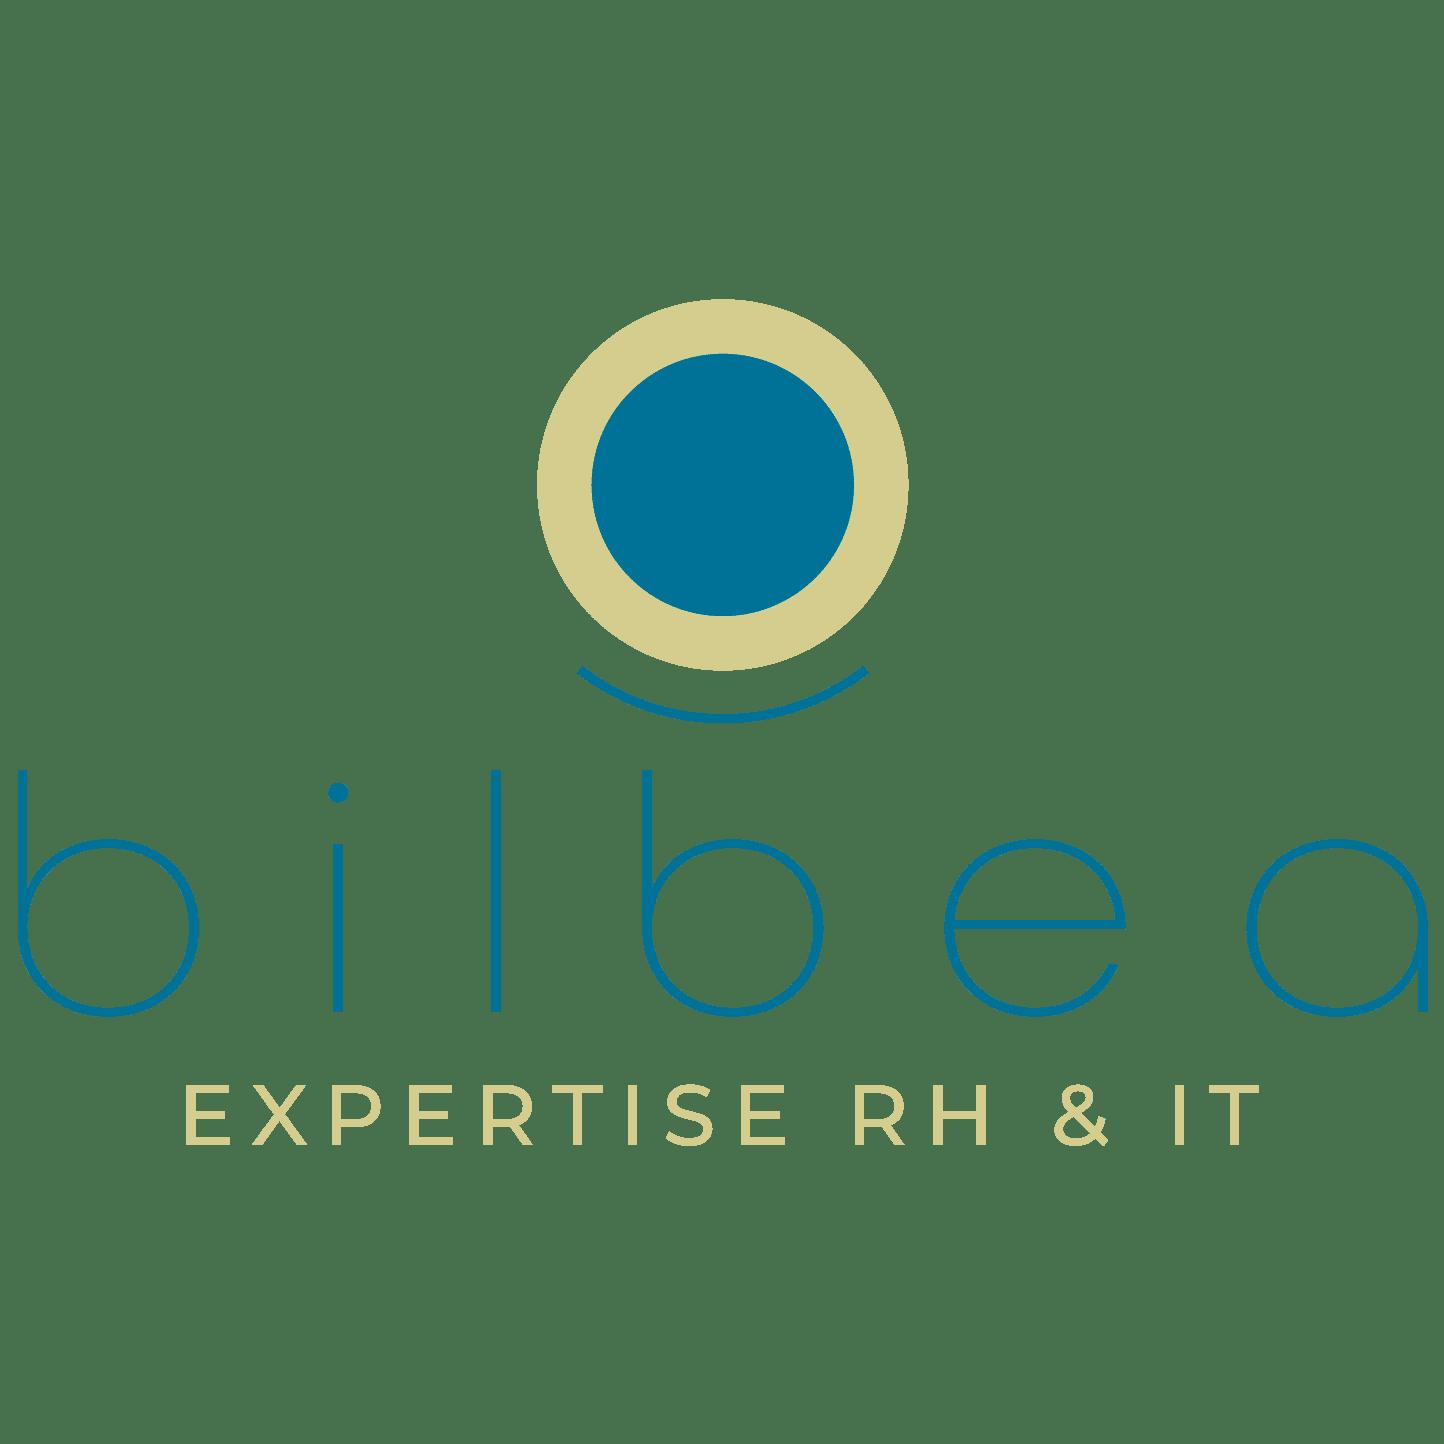 Bilbea